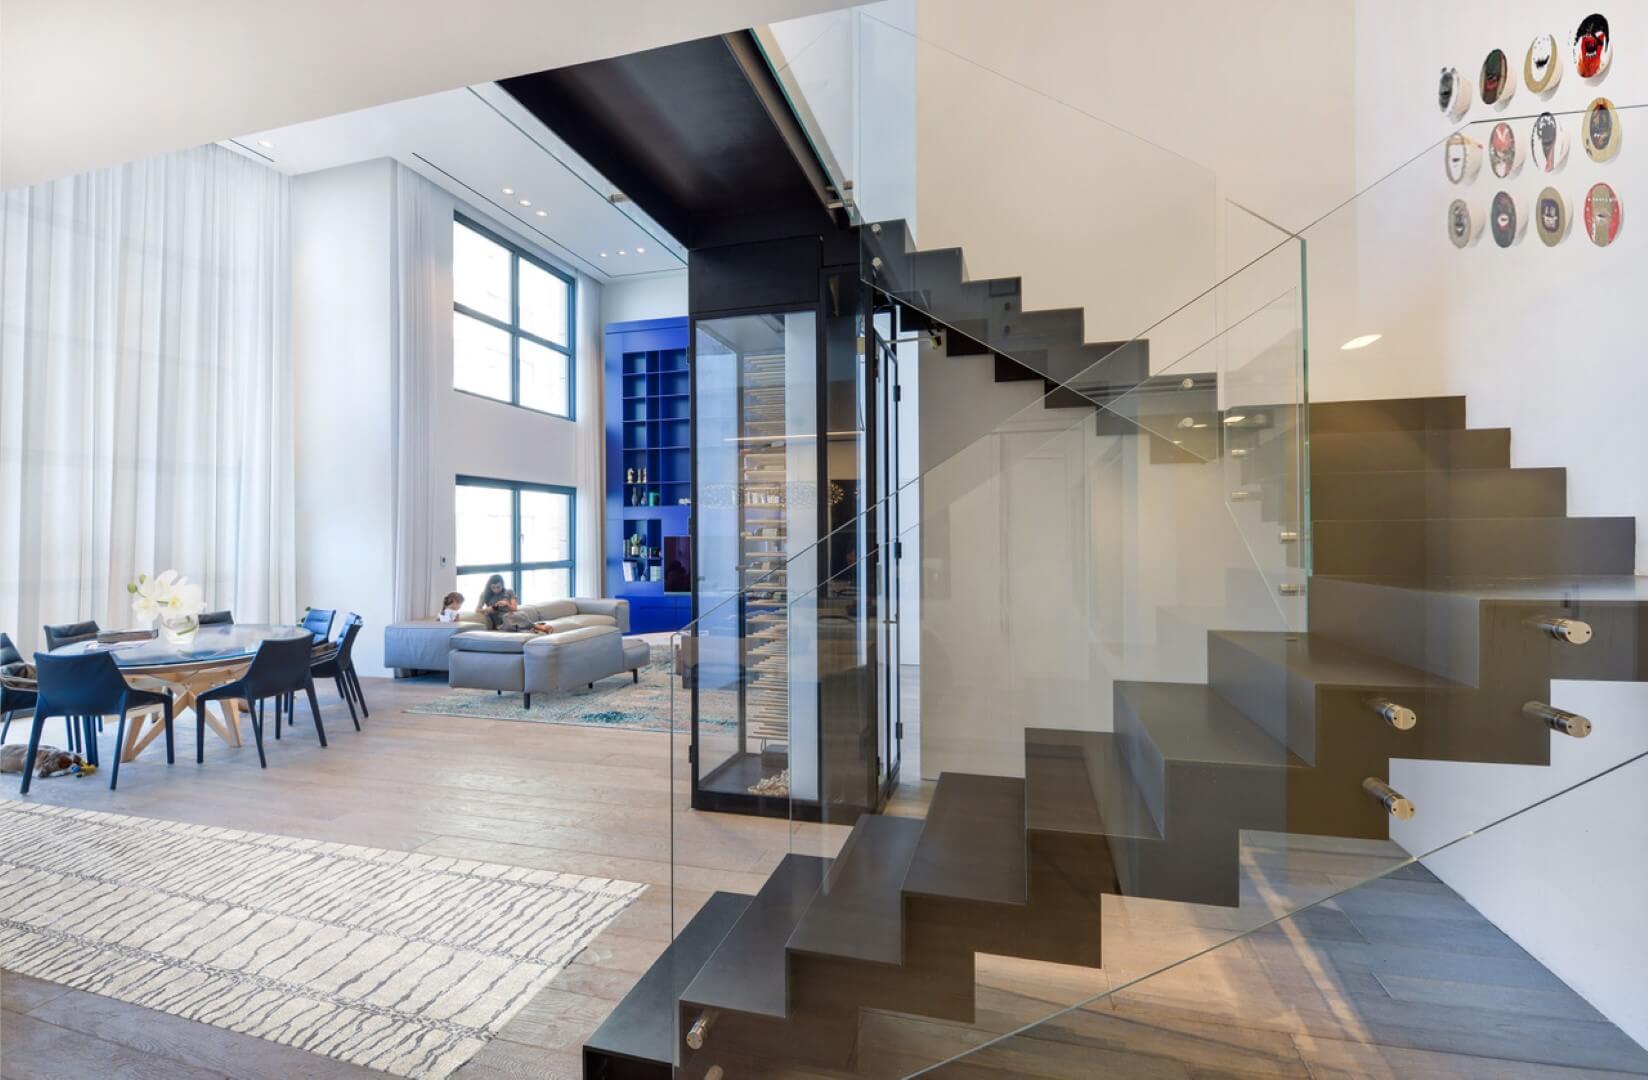 3 גרמי מדרגות ברזל עם מעקה זכוכית ומנטים בגווני ברזל